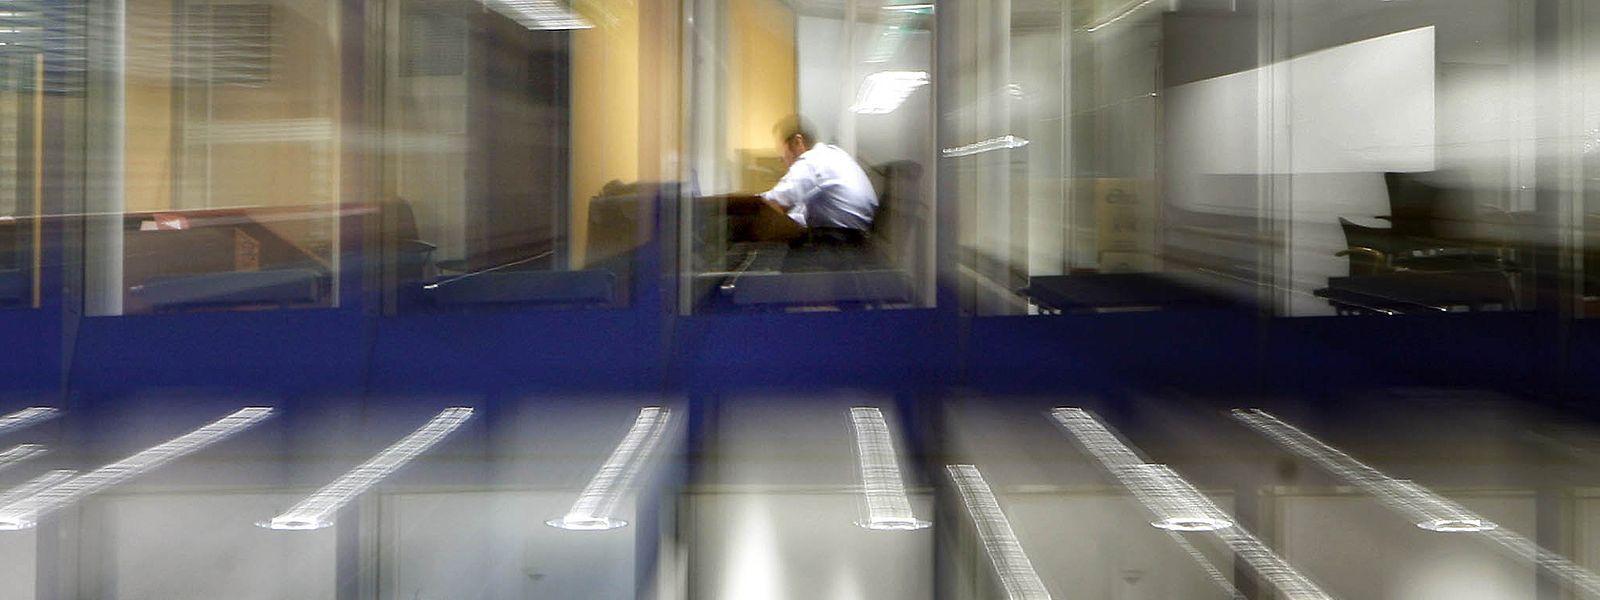 """""""Bereitschaft zu Mehrarbeit erwünscht"""": Nicht in allen Branchen werden Arbeitszeiten systematisch erfasst – auch, um geleistete Überstunden zu kaschieren."""